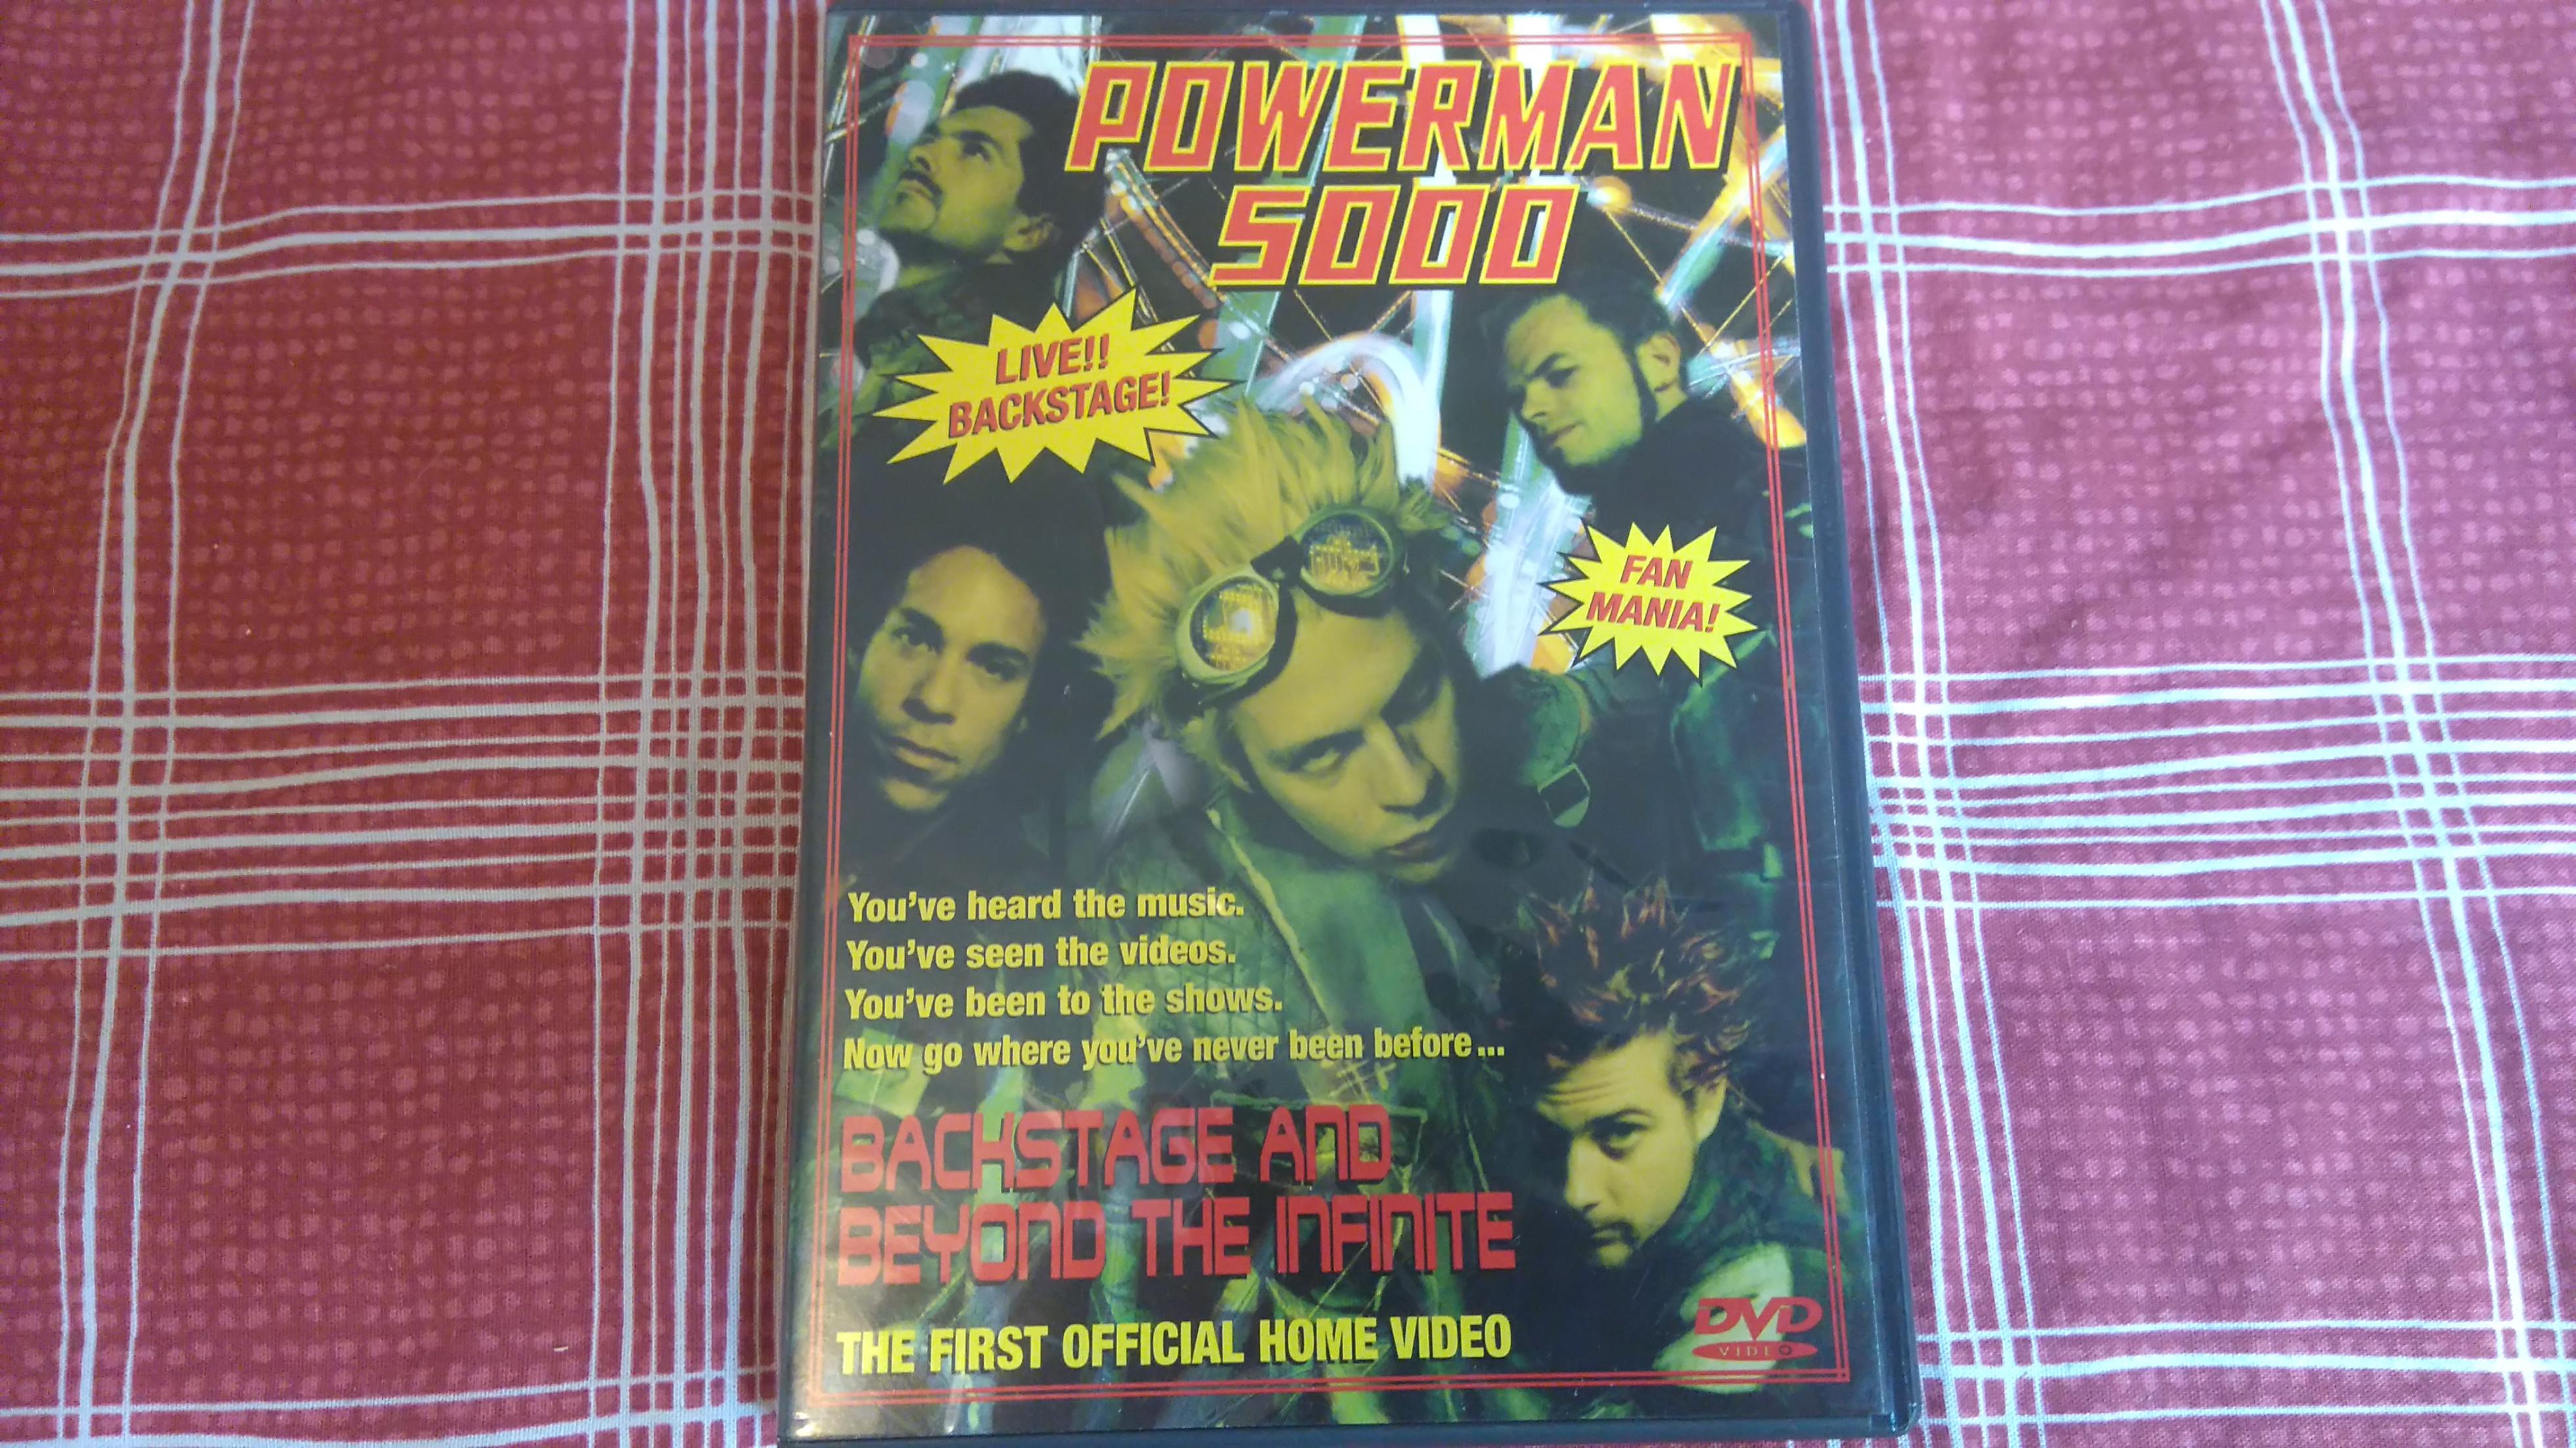 Powerman 5000 dvd.JPG